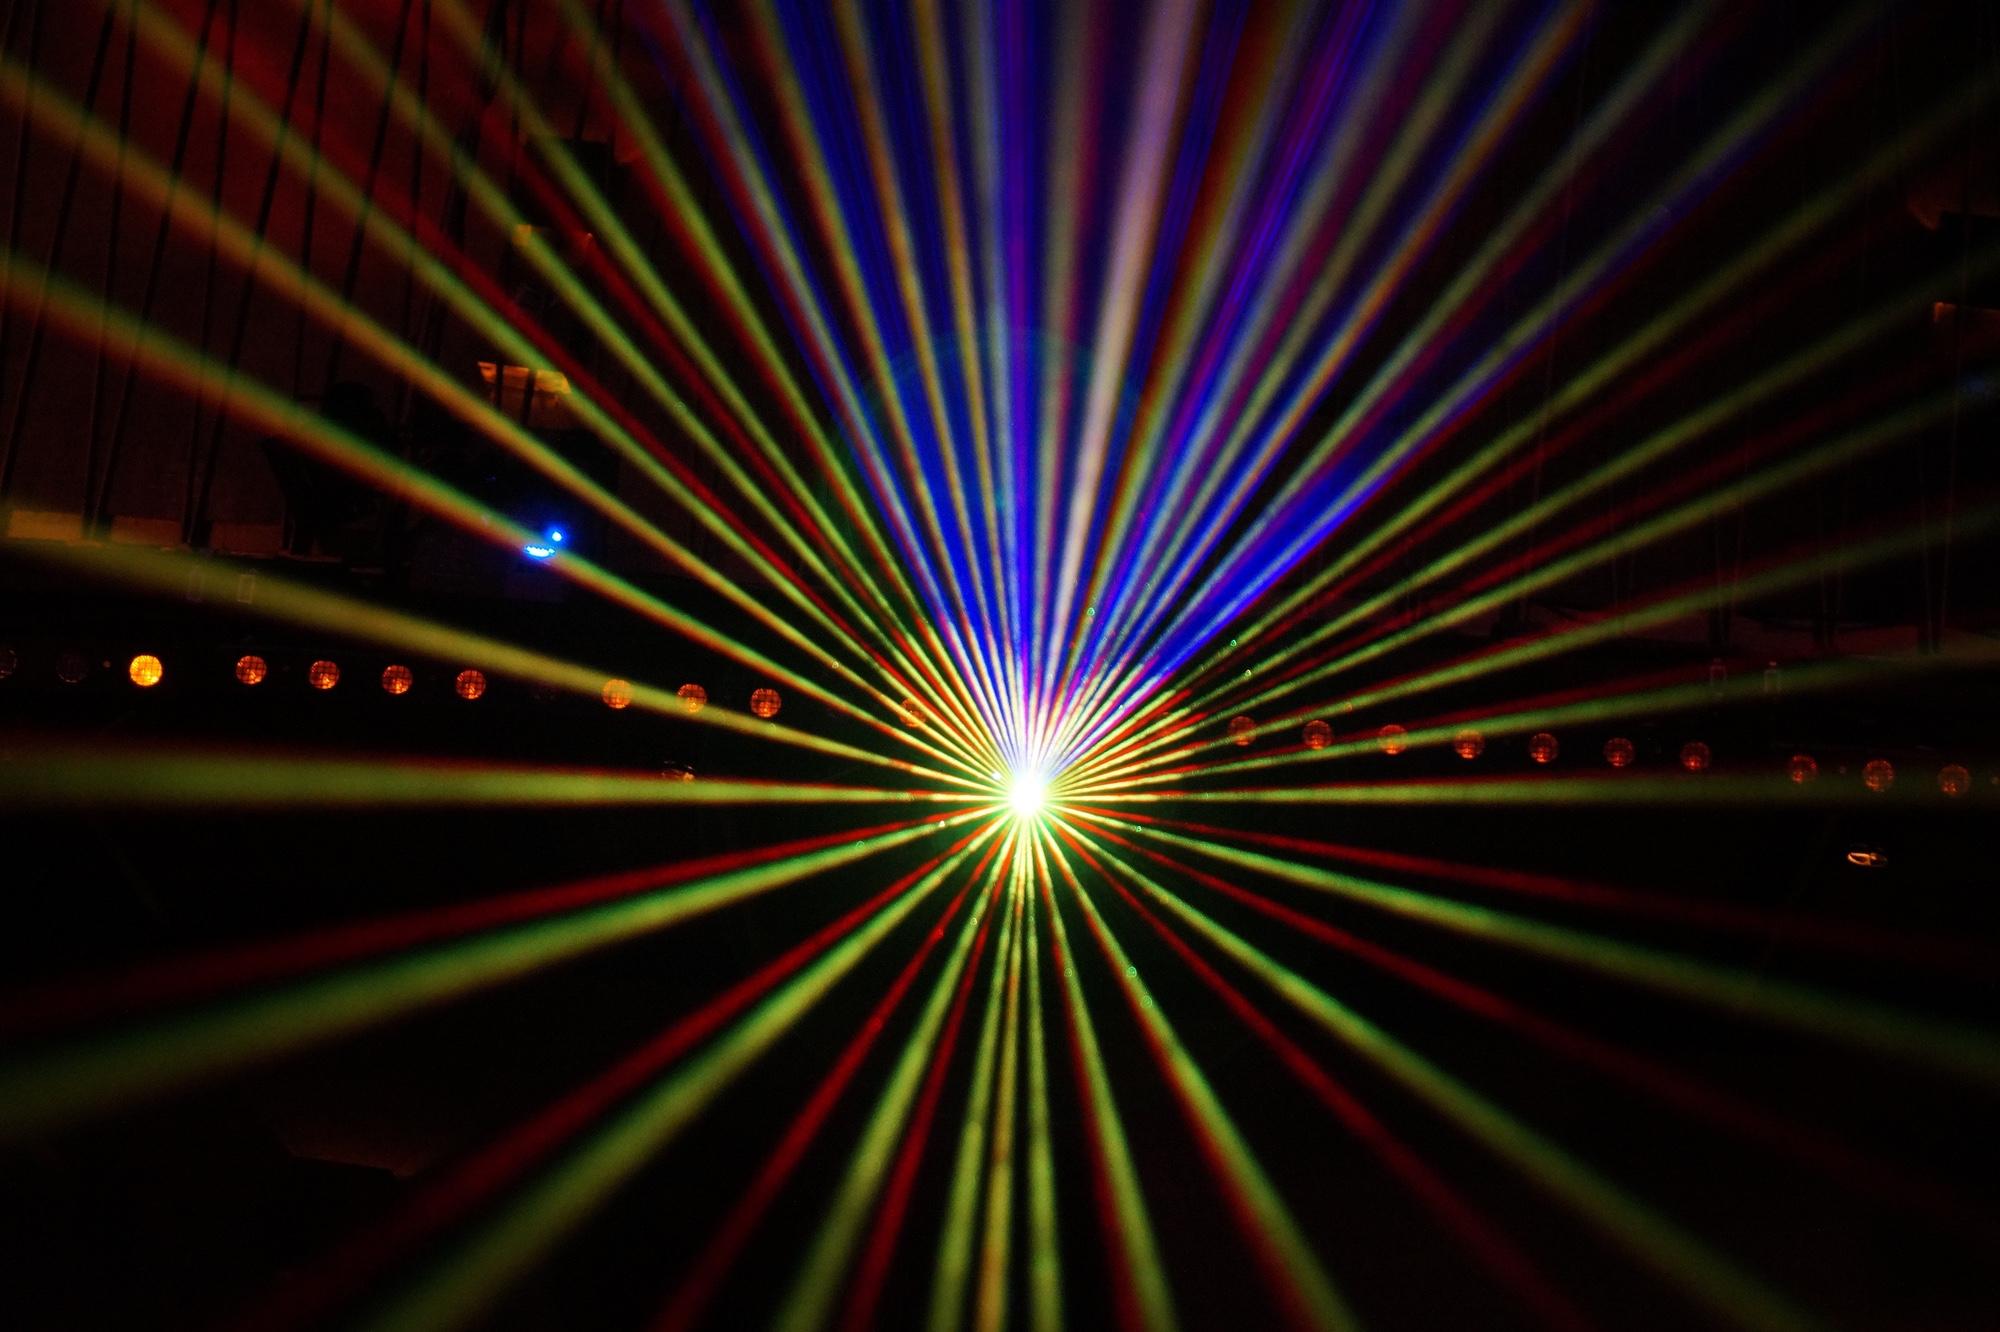 Bild: Laserstrahlen, die unter anderem ein Herz bilden